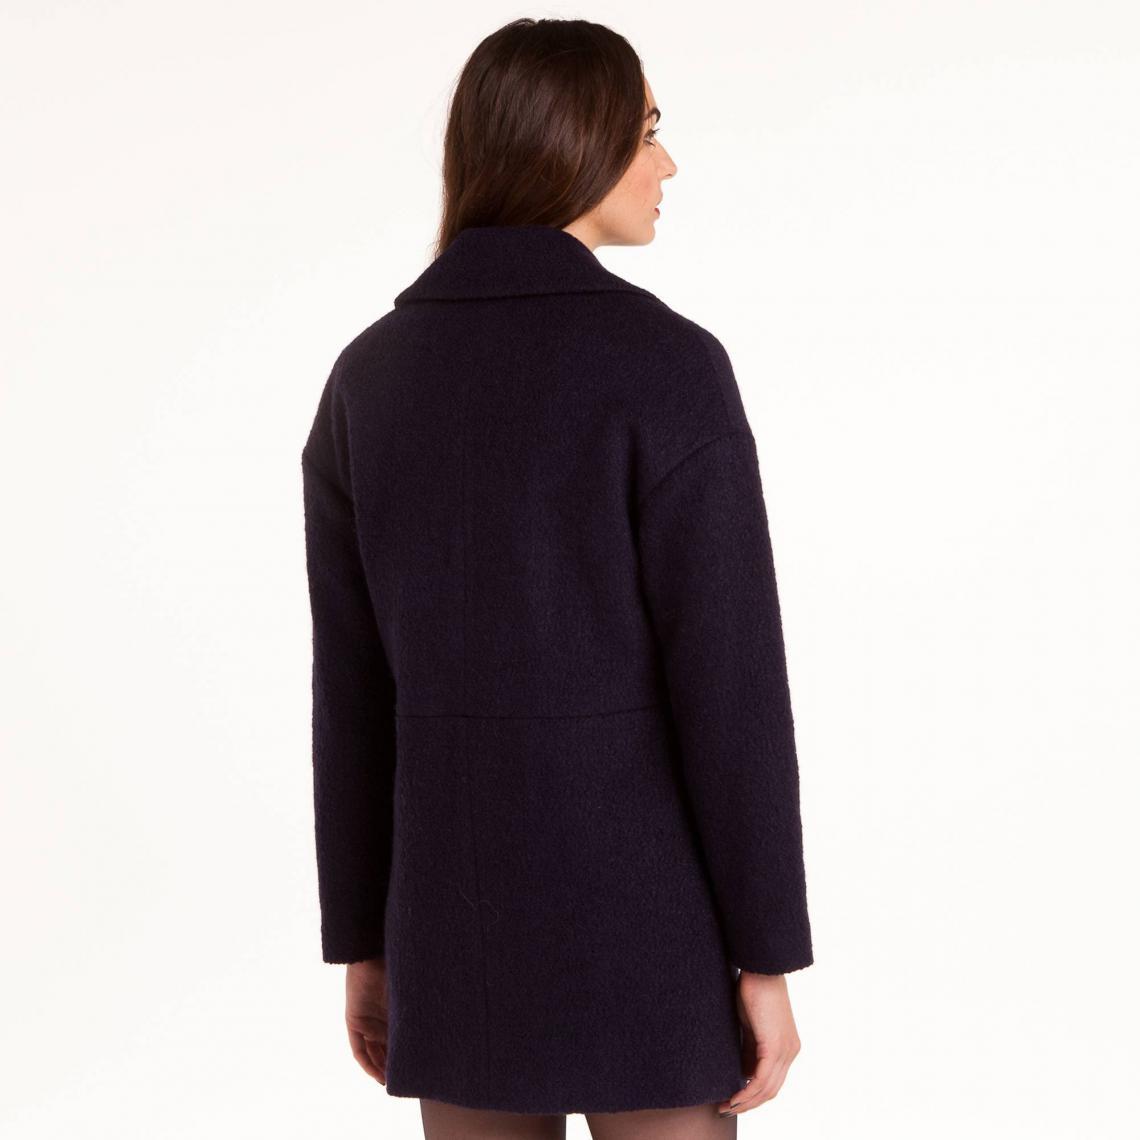 6826e57eac037 Manteaux femme 3 Suisses Collection Cliquez l image pour l agrandir. Manteau  double boutonnage femme 3 Suisses Collection - Bleu Marine ...